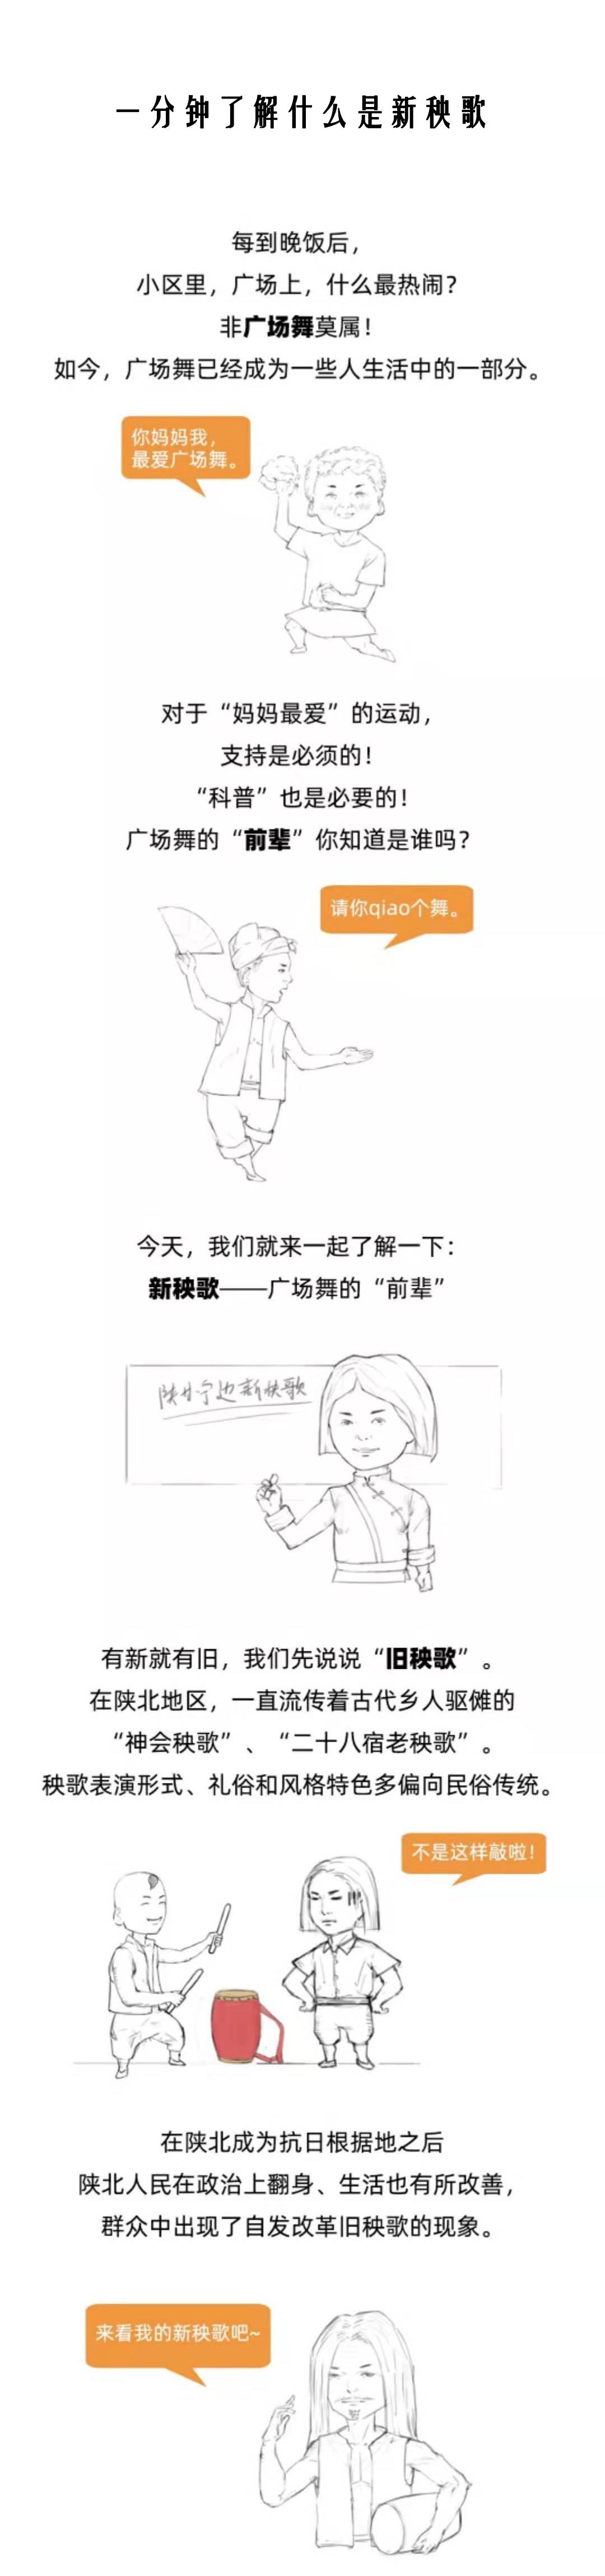 翔云漫画《一分钟了解什么是新秧歌》